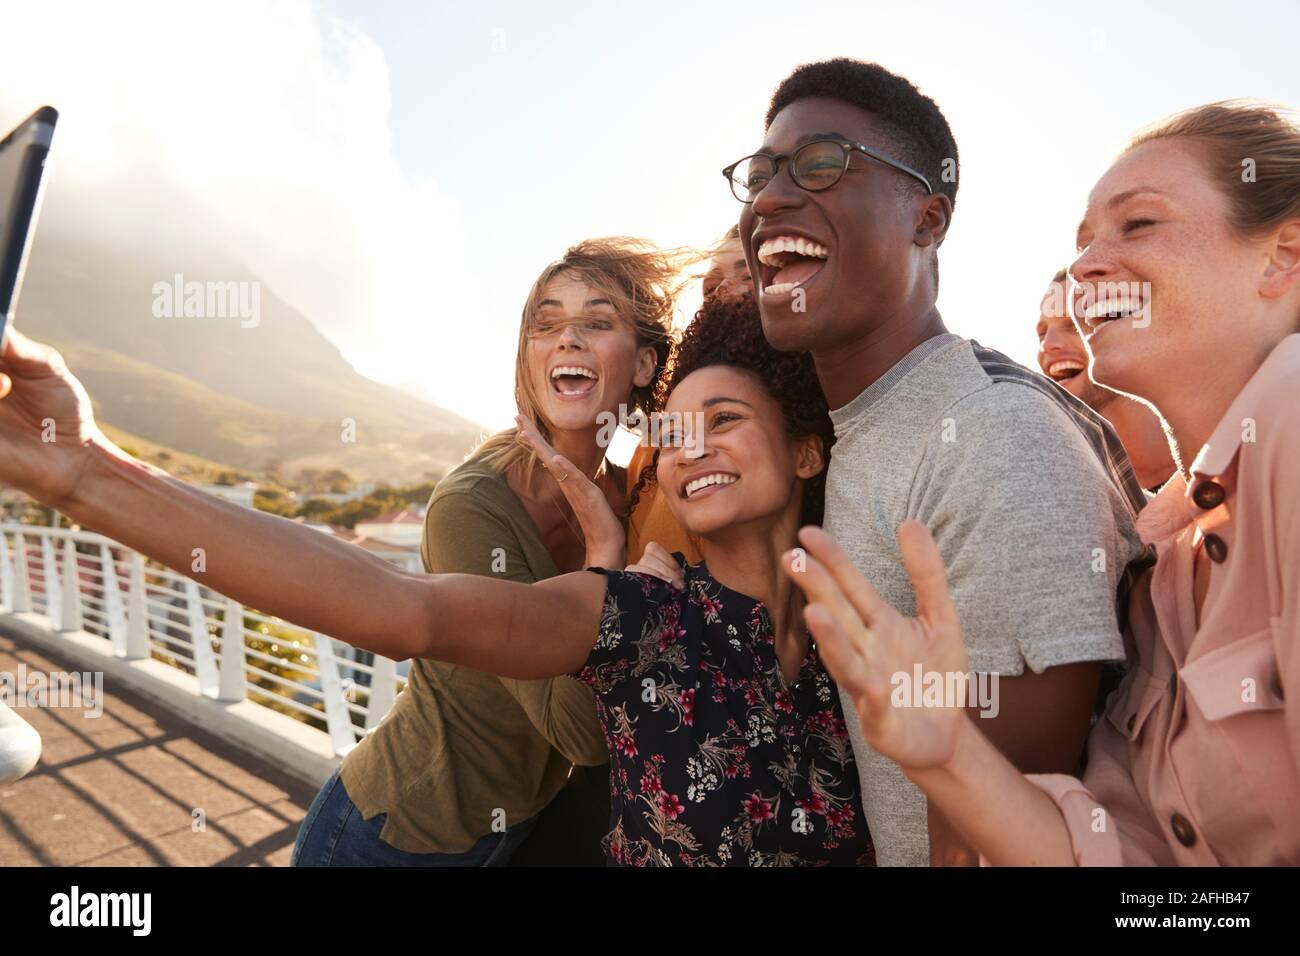 Sonriente joven amigos posando para Selfie en pasarela exterior juntos Foto de stock